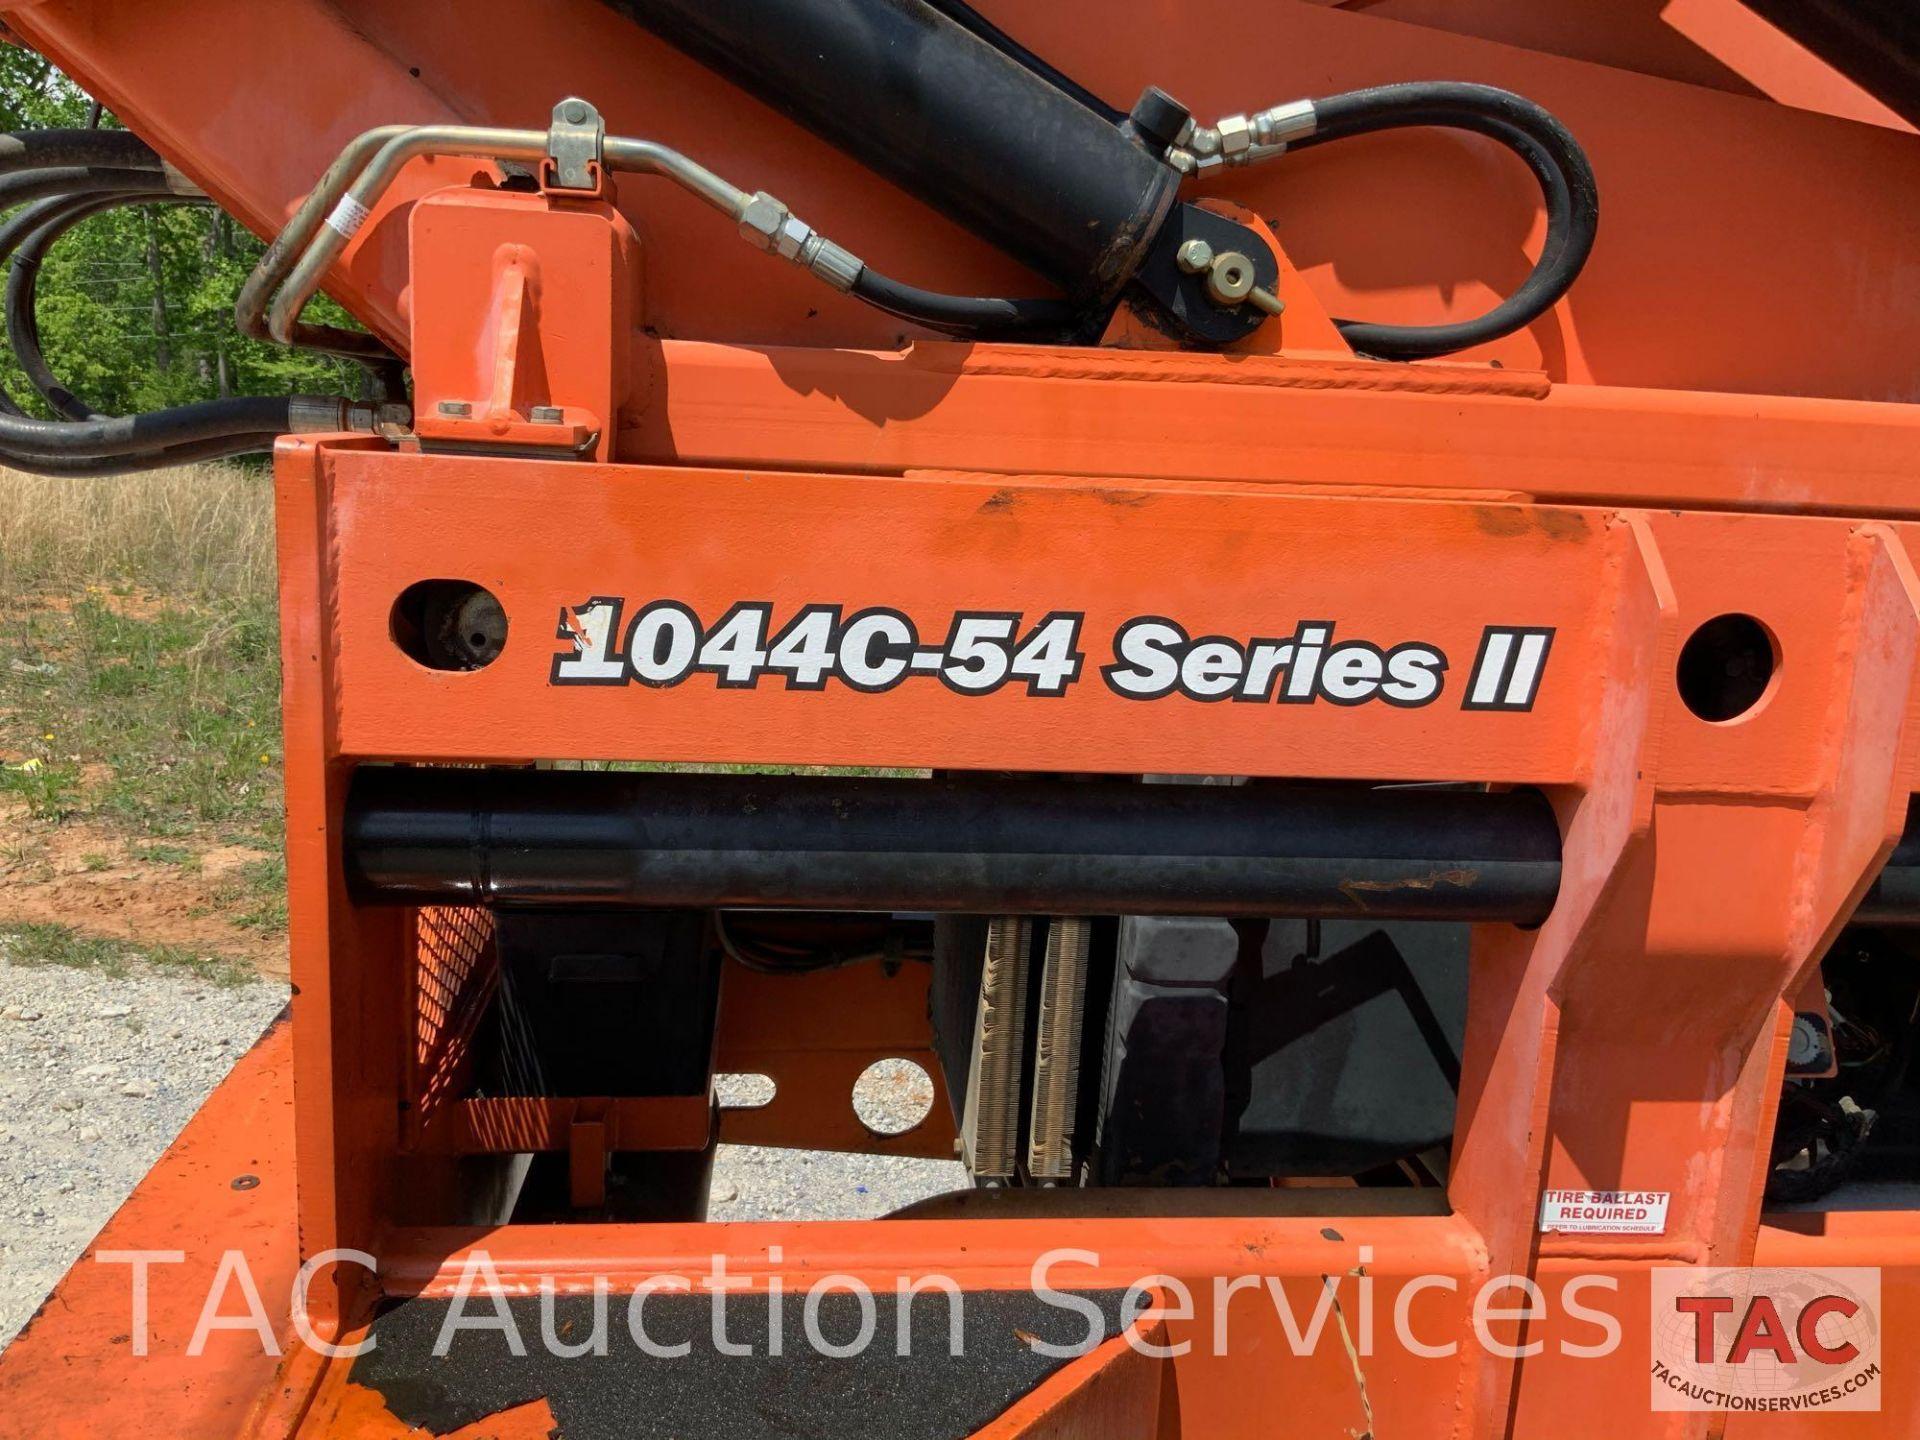 2007 JLG LULL Telehander Forklift - Image 6 of 25